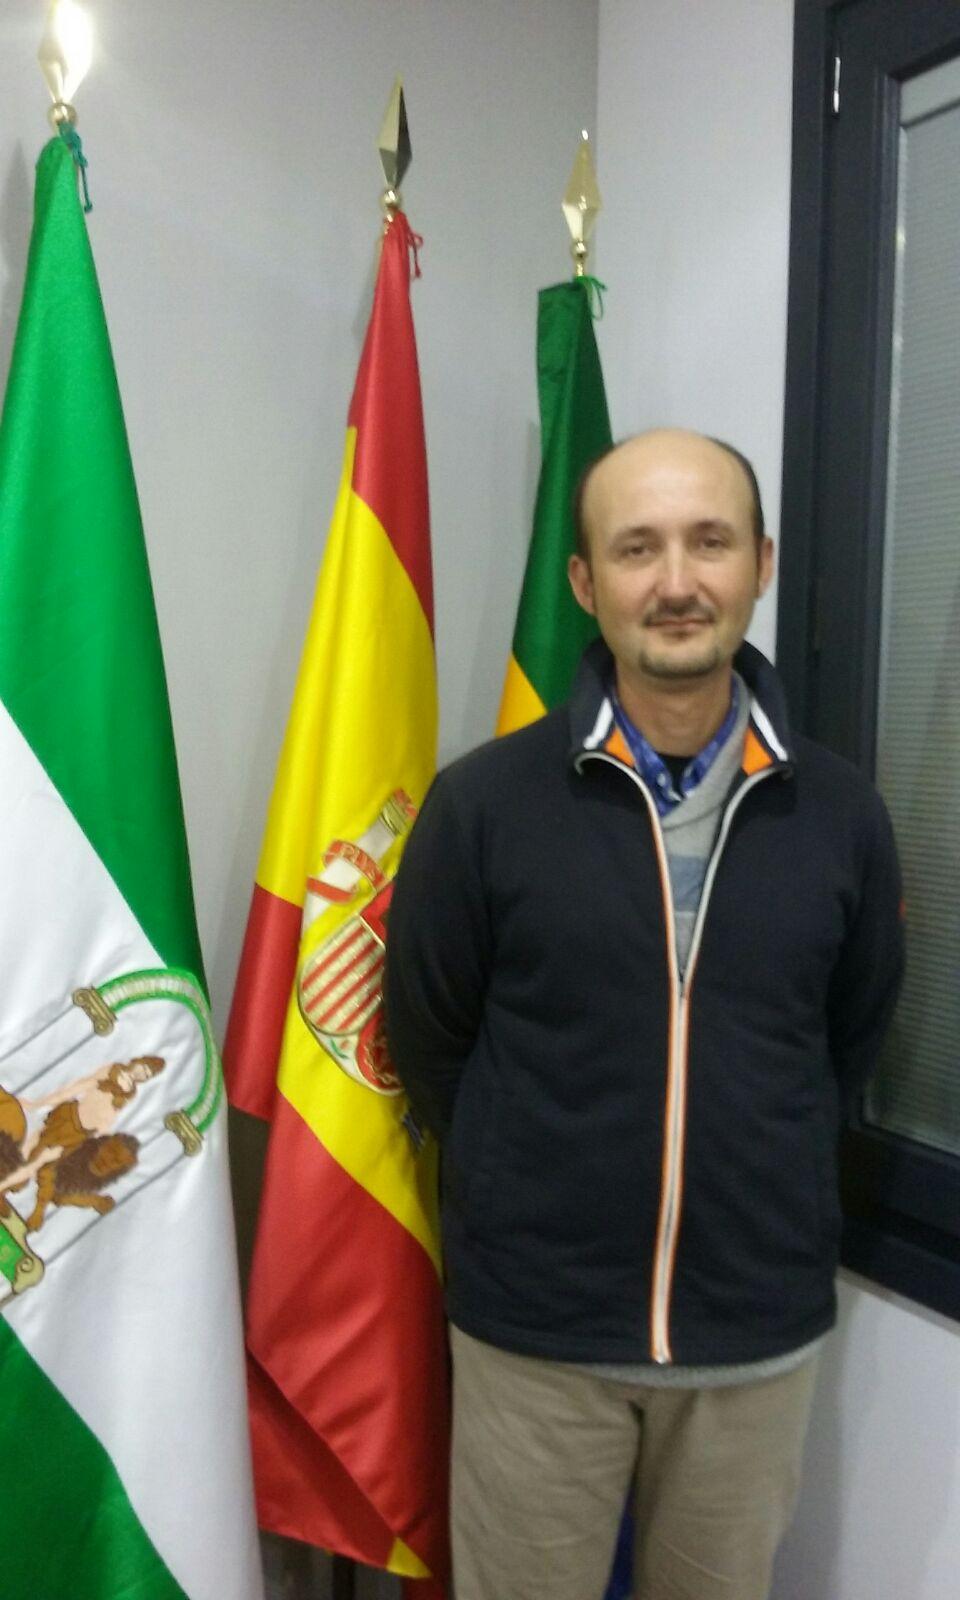 Manuel Díaz López